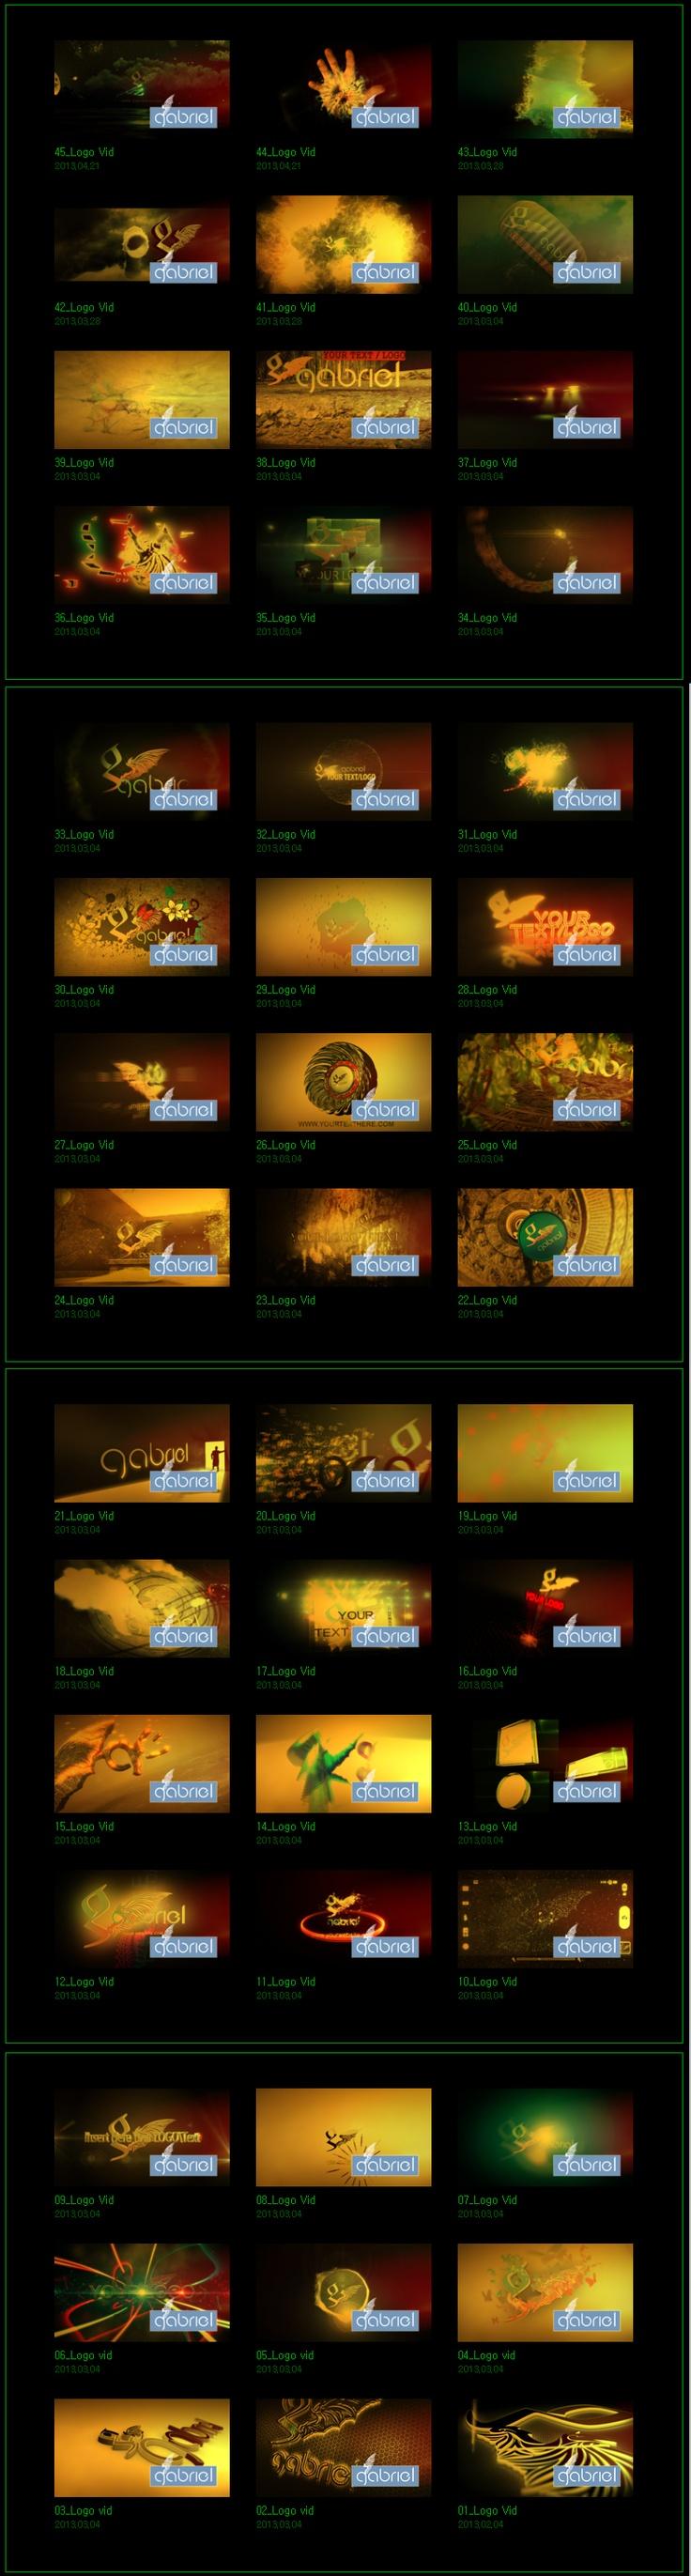 5,000원에 40여가지 로고,타이틀,인트로 영상 제작 (각종이벤트영상제작)